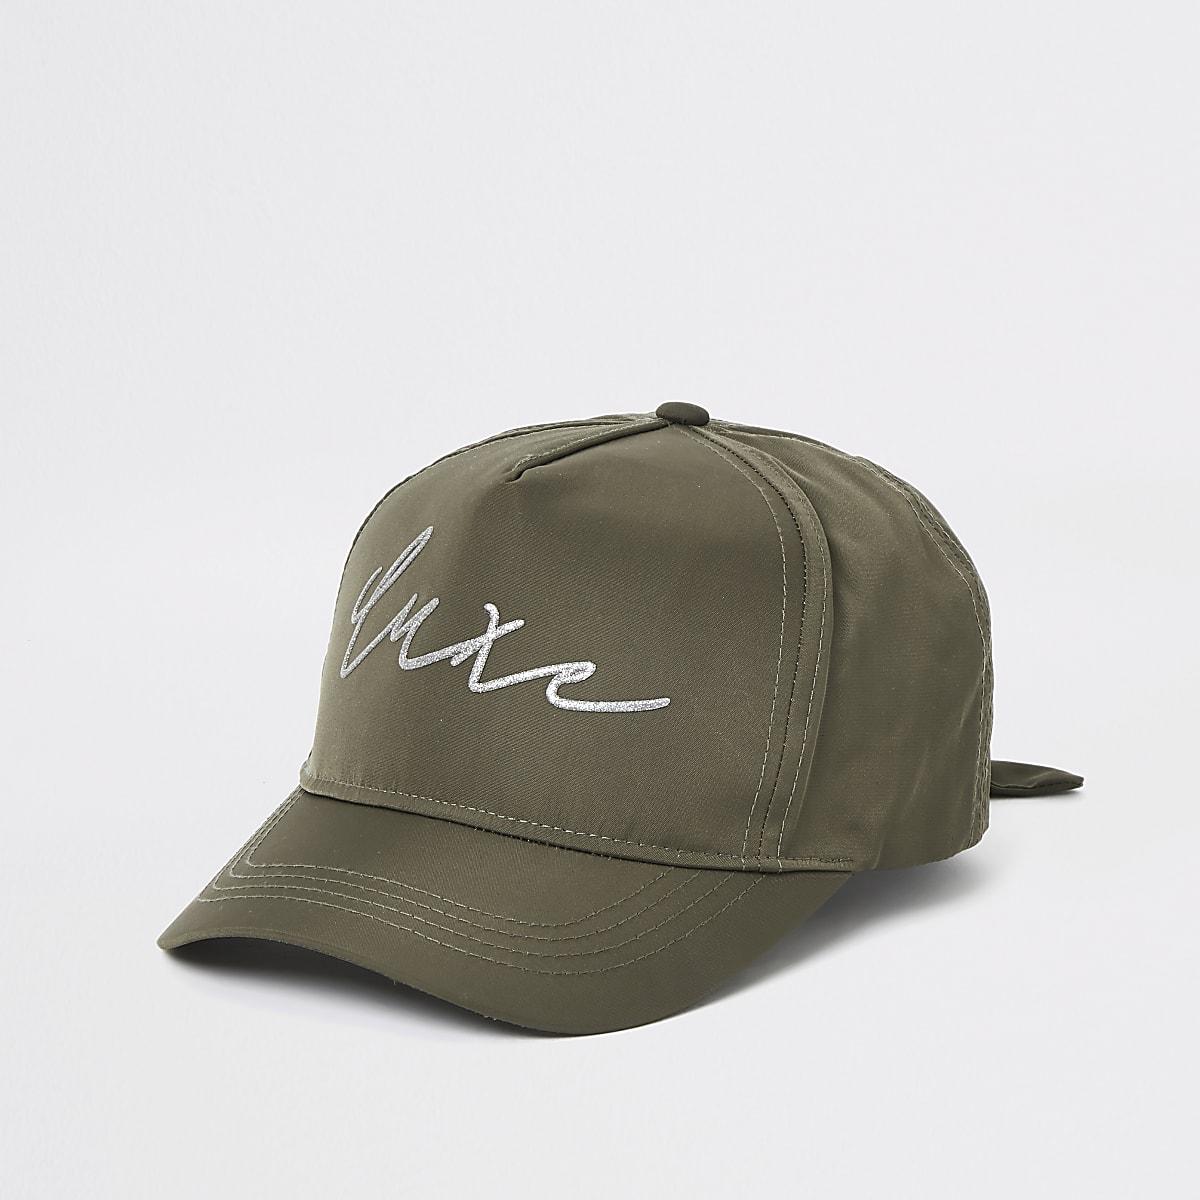 Girls RI Active khaki cap